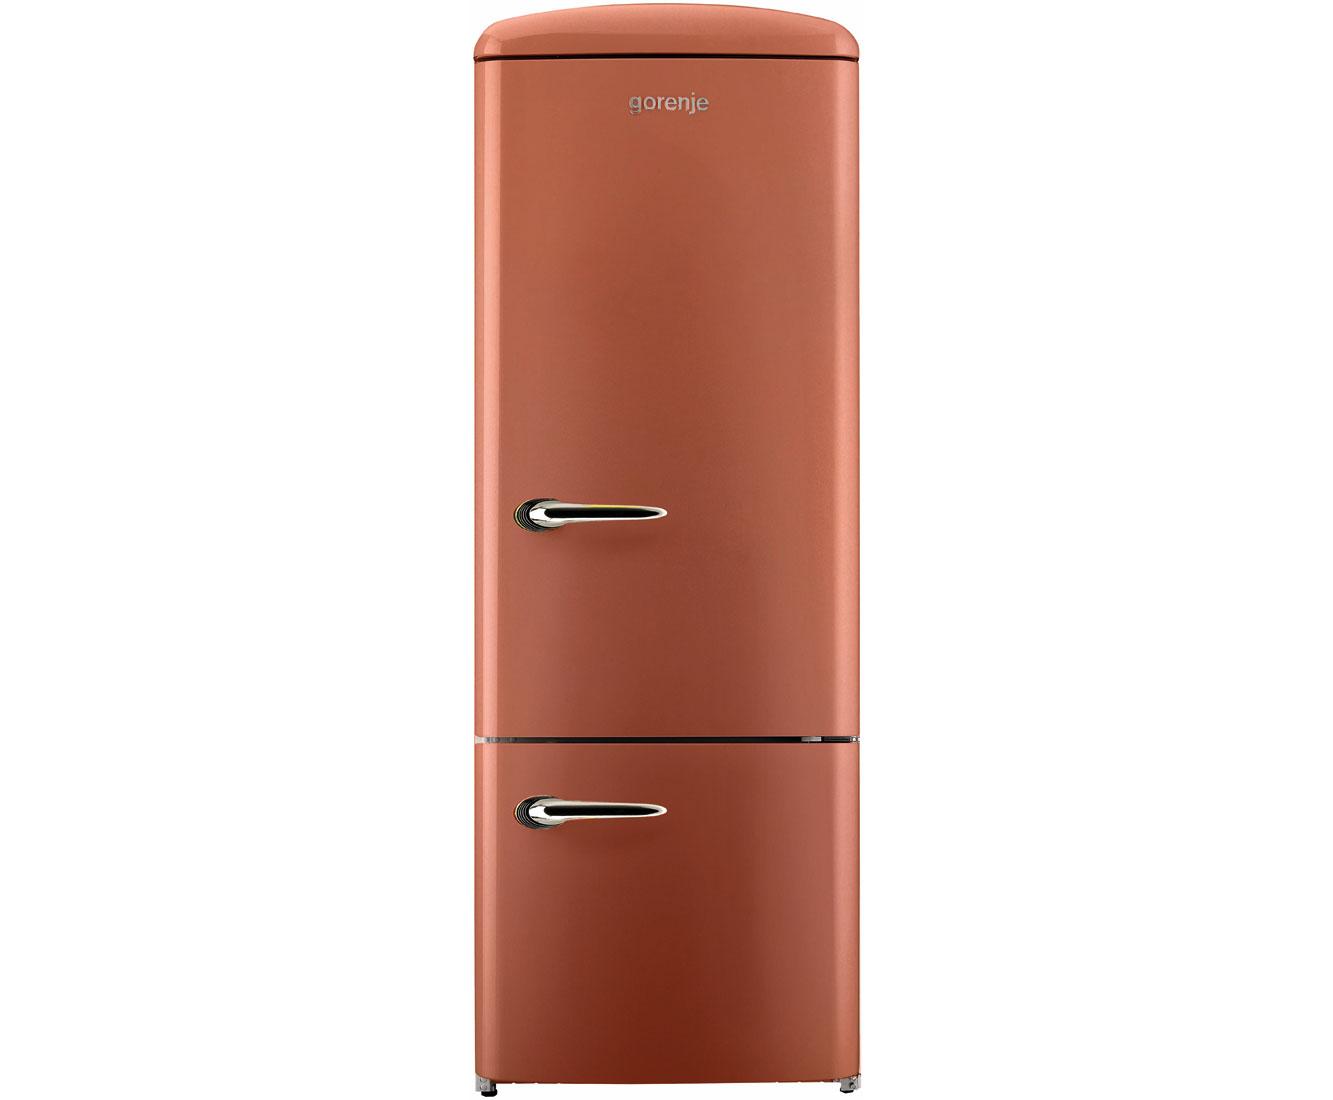 Gorenje Kühlschrank Orange : Ergebnisse zu: braun autopension.de